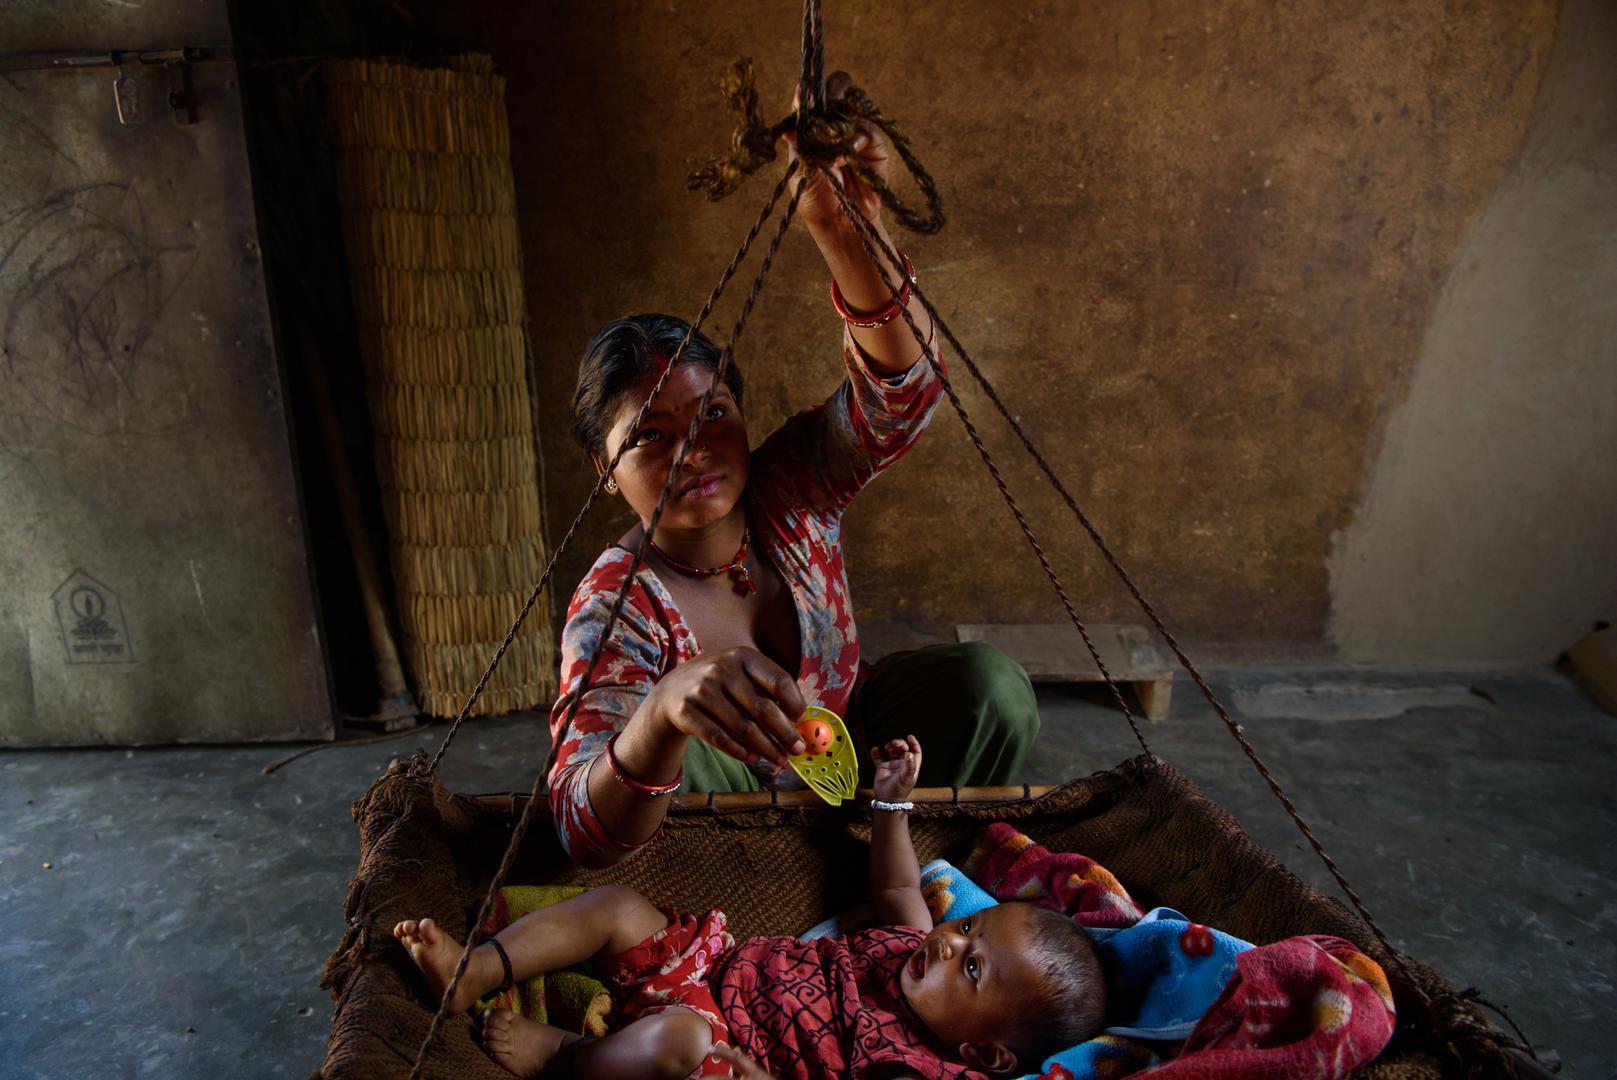 सरित ा एम., १७ आफ्नी भर्ख र जन्मे की छोरीसित चितव नस्थित आफ्नो घरमा। सरित ाले १५ वर्षकै उमेरमा १८ वर्षको केटासित भागी विवाह गरेकी हुन्। उनका श्रीमान् भारतमा श्रमि कका रूपमा काम गर्छर्छन्। अप्रि ल १२, २०१६